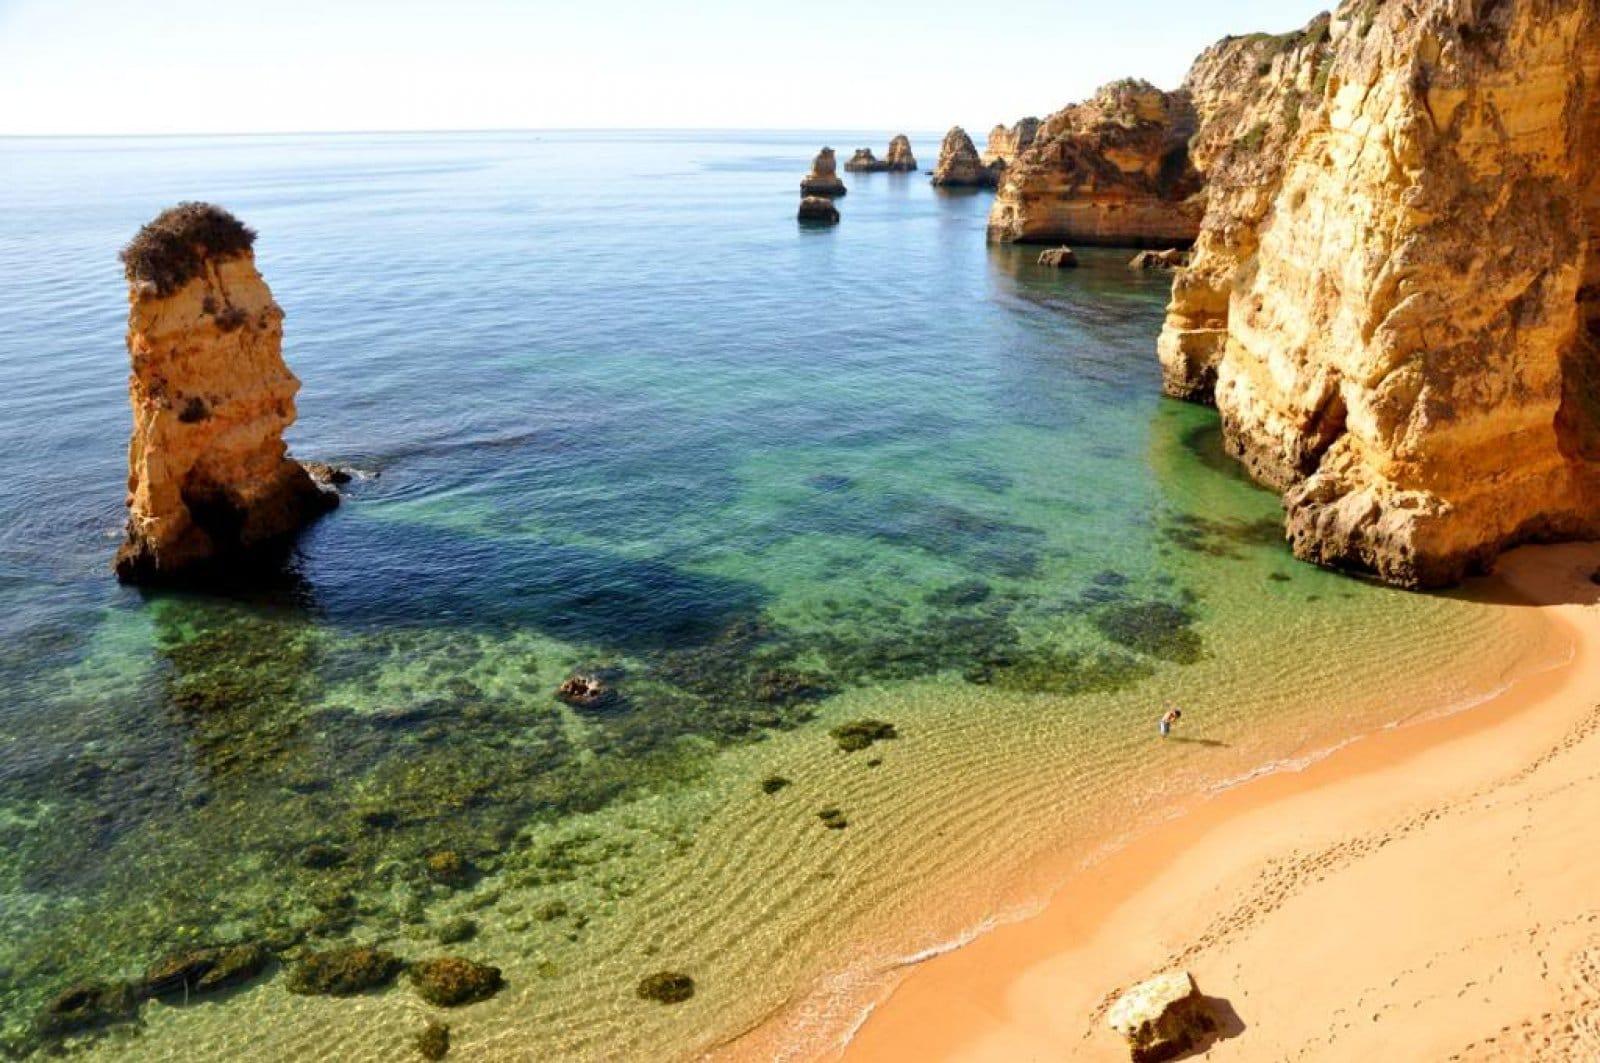 Plajă din Lagos, Algrave, Portugalia